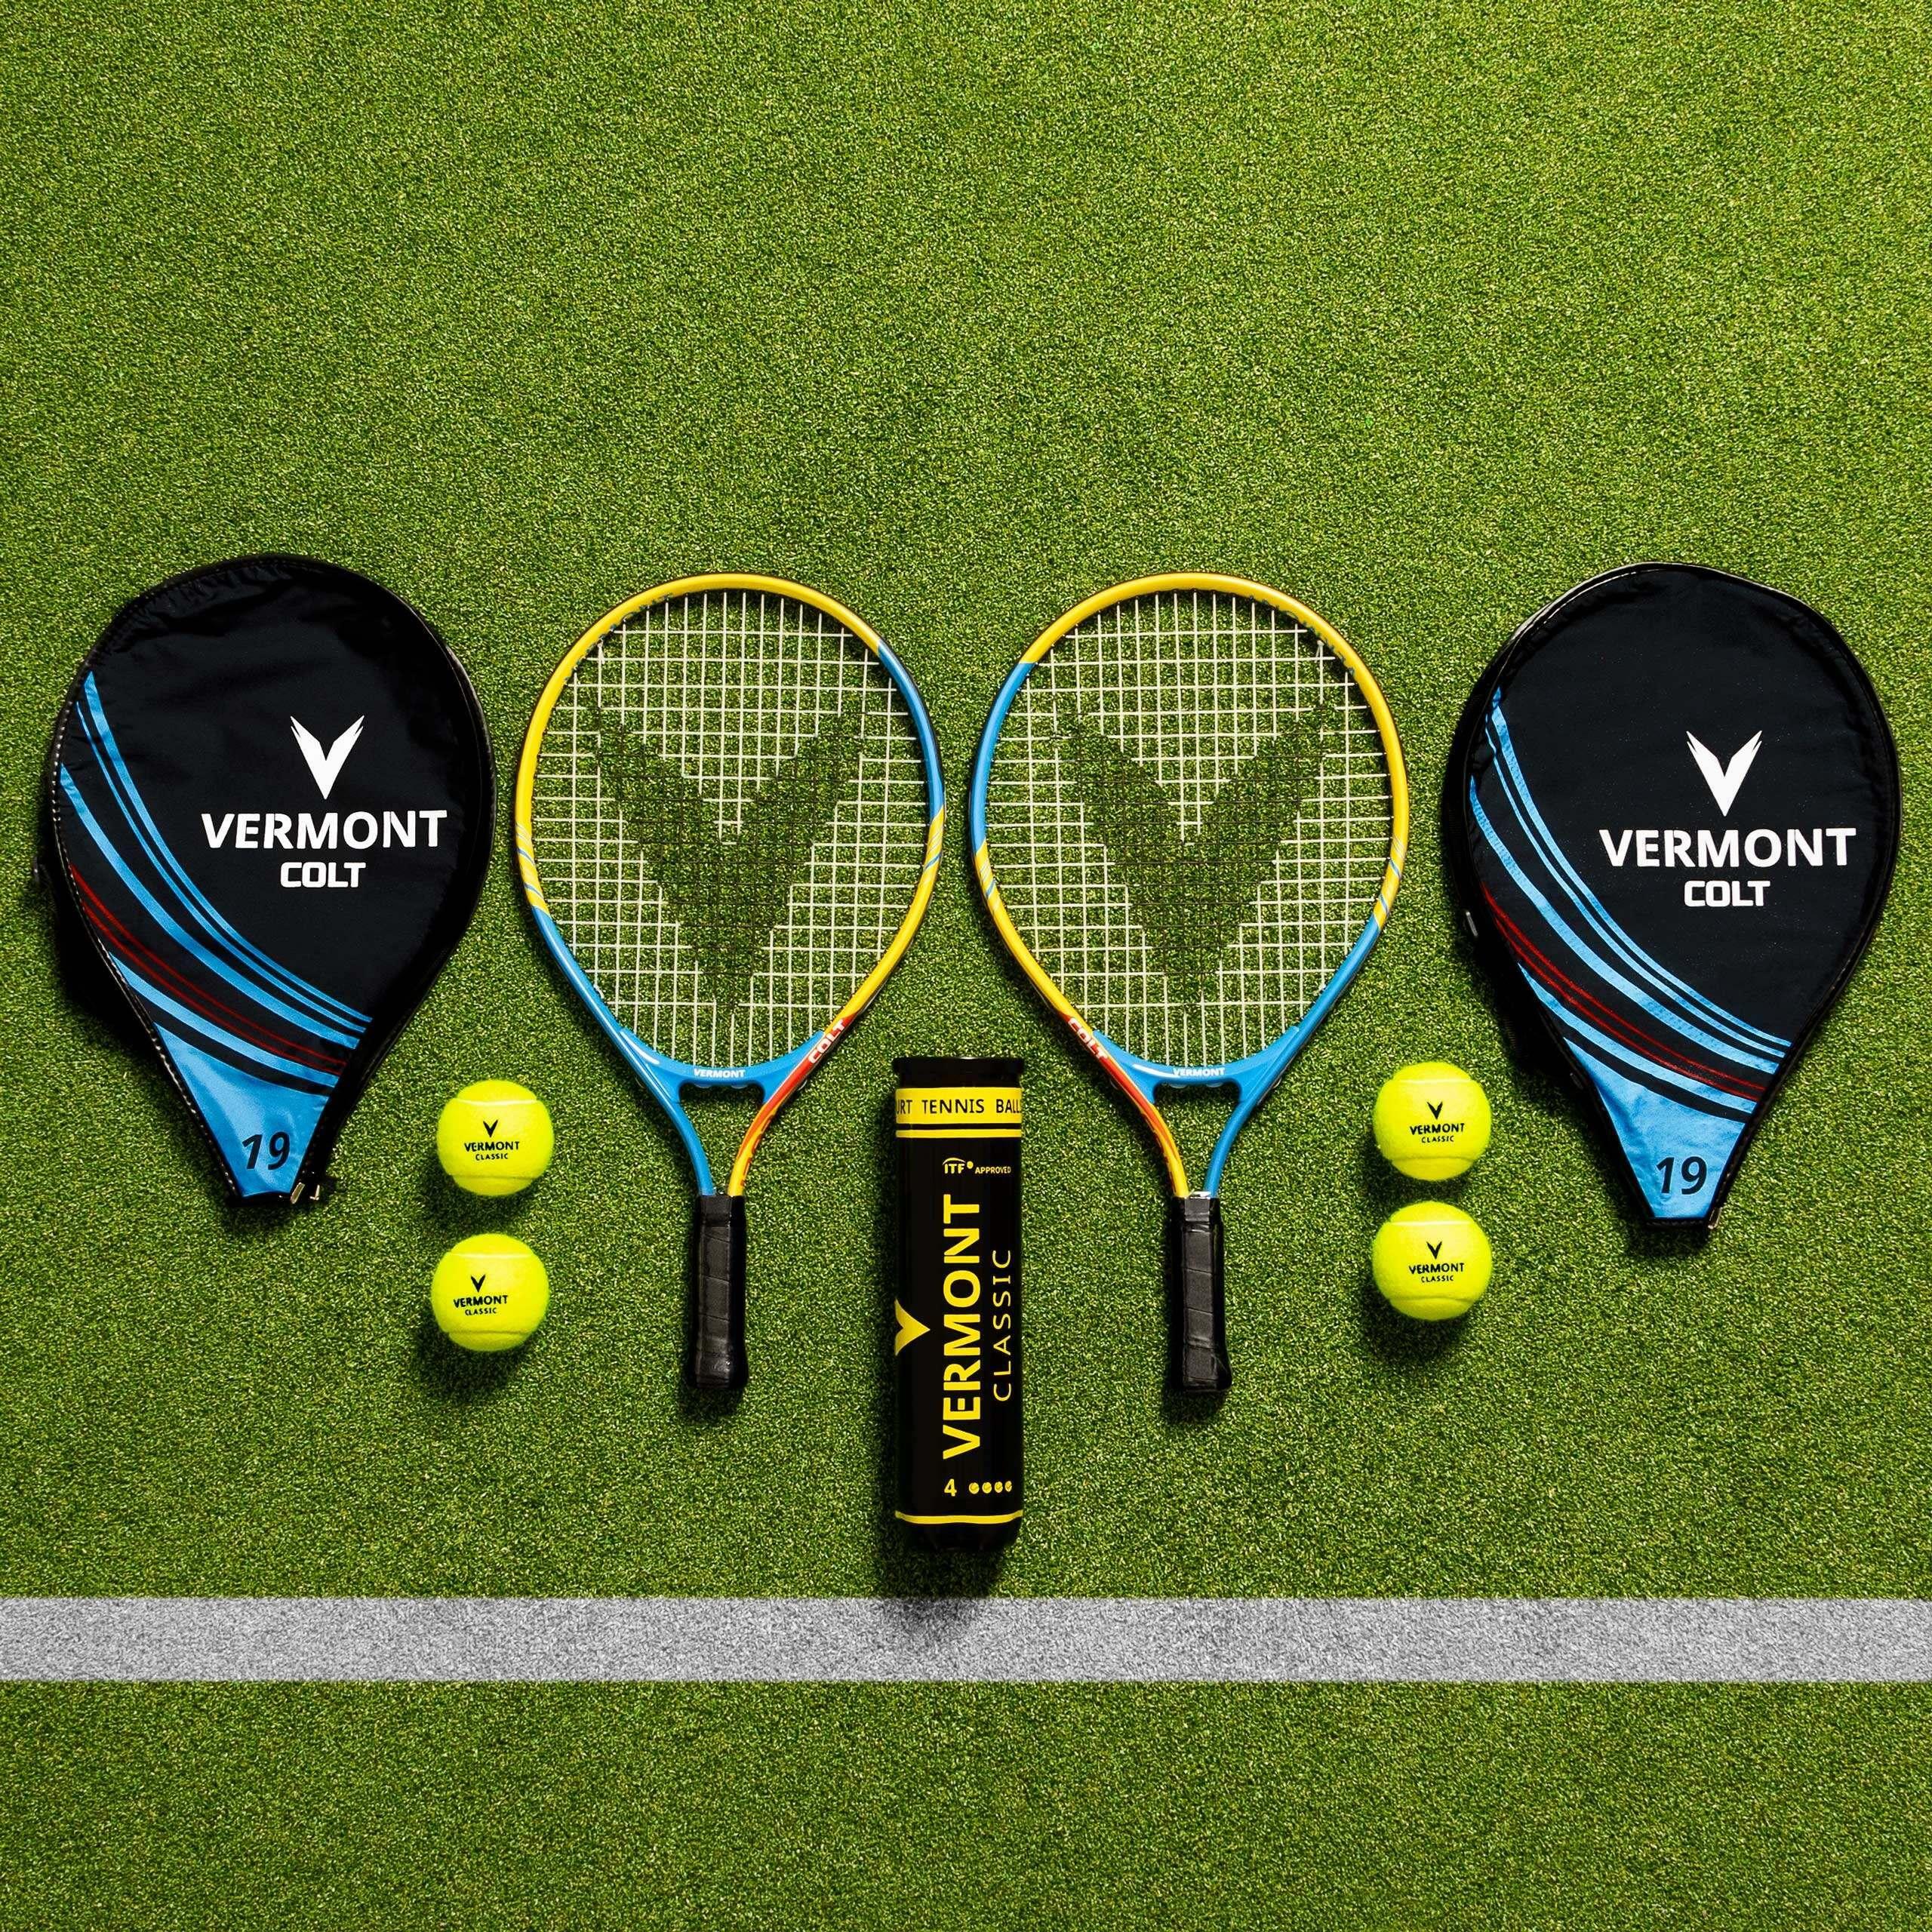 Vermont Tennis Racket & Ball Set [2 Player]